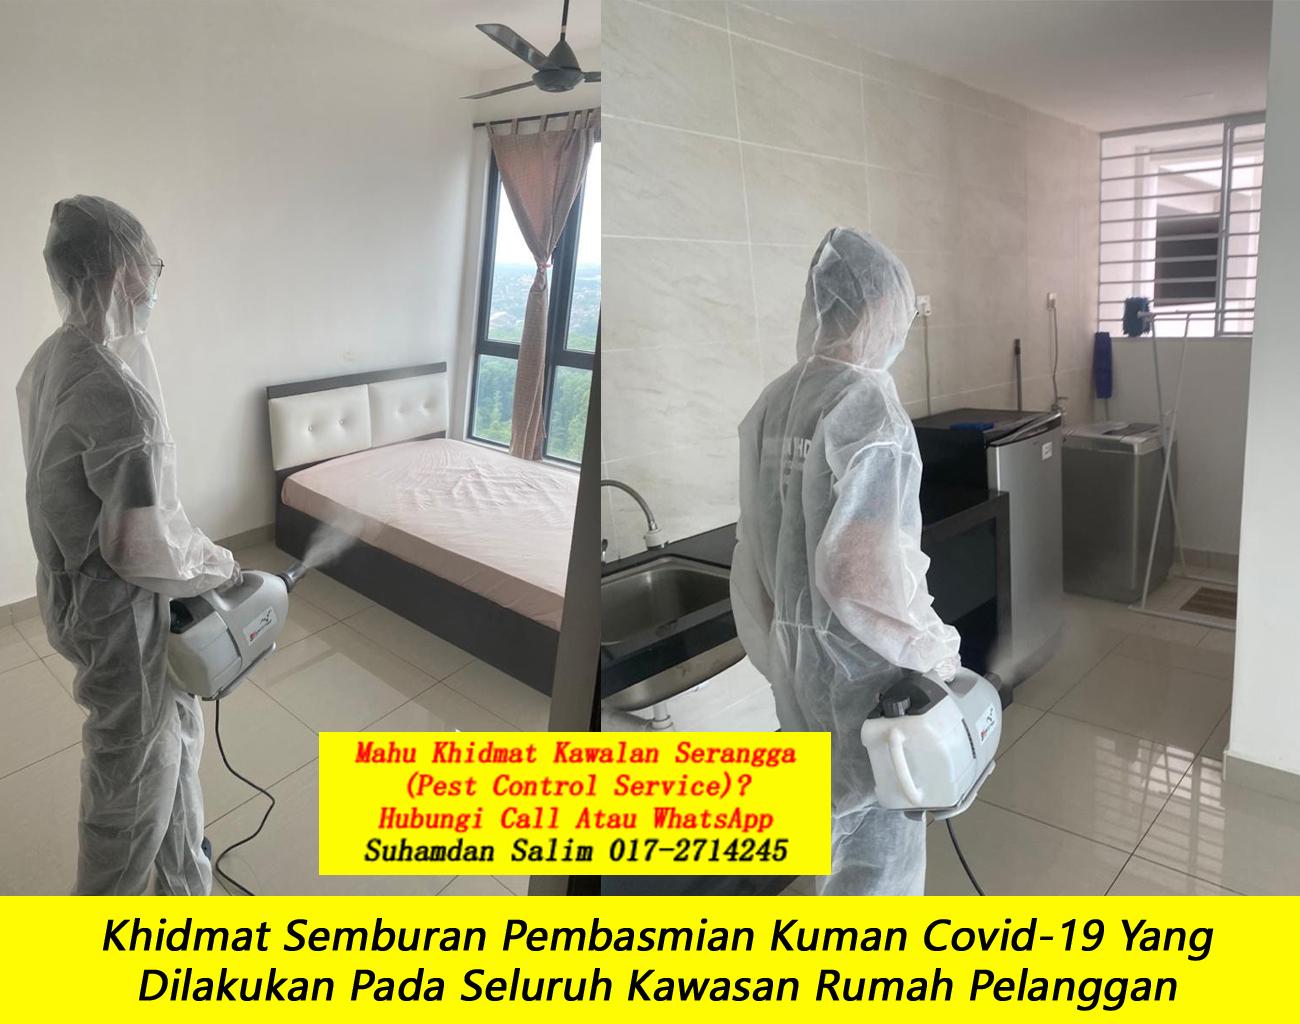 khidmat sanitizing membasmi kuman Covid-19 Disinfection Service semburan sanitize covid 19 paling berkesan dengan harga berpatutan the best service covid-19 gombak selangor felda